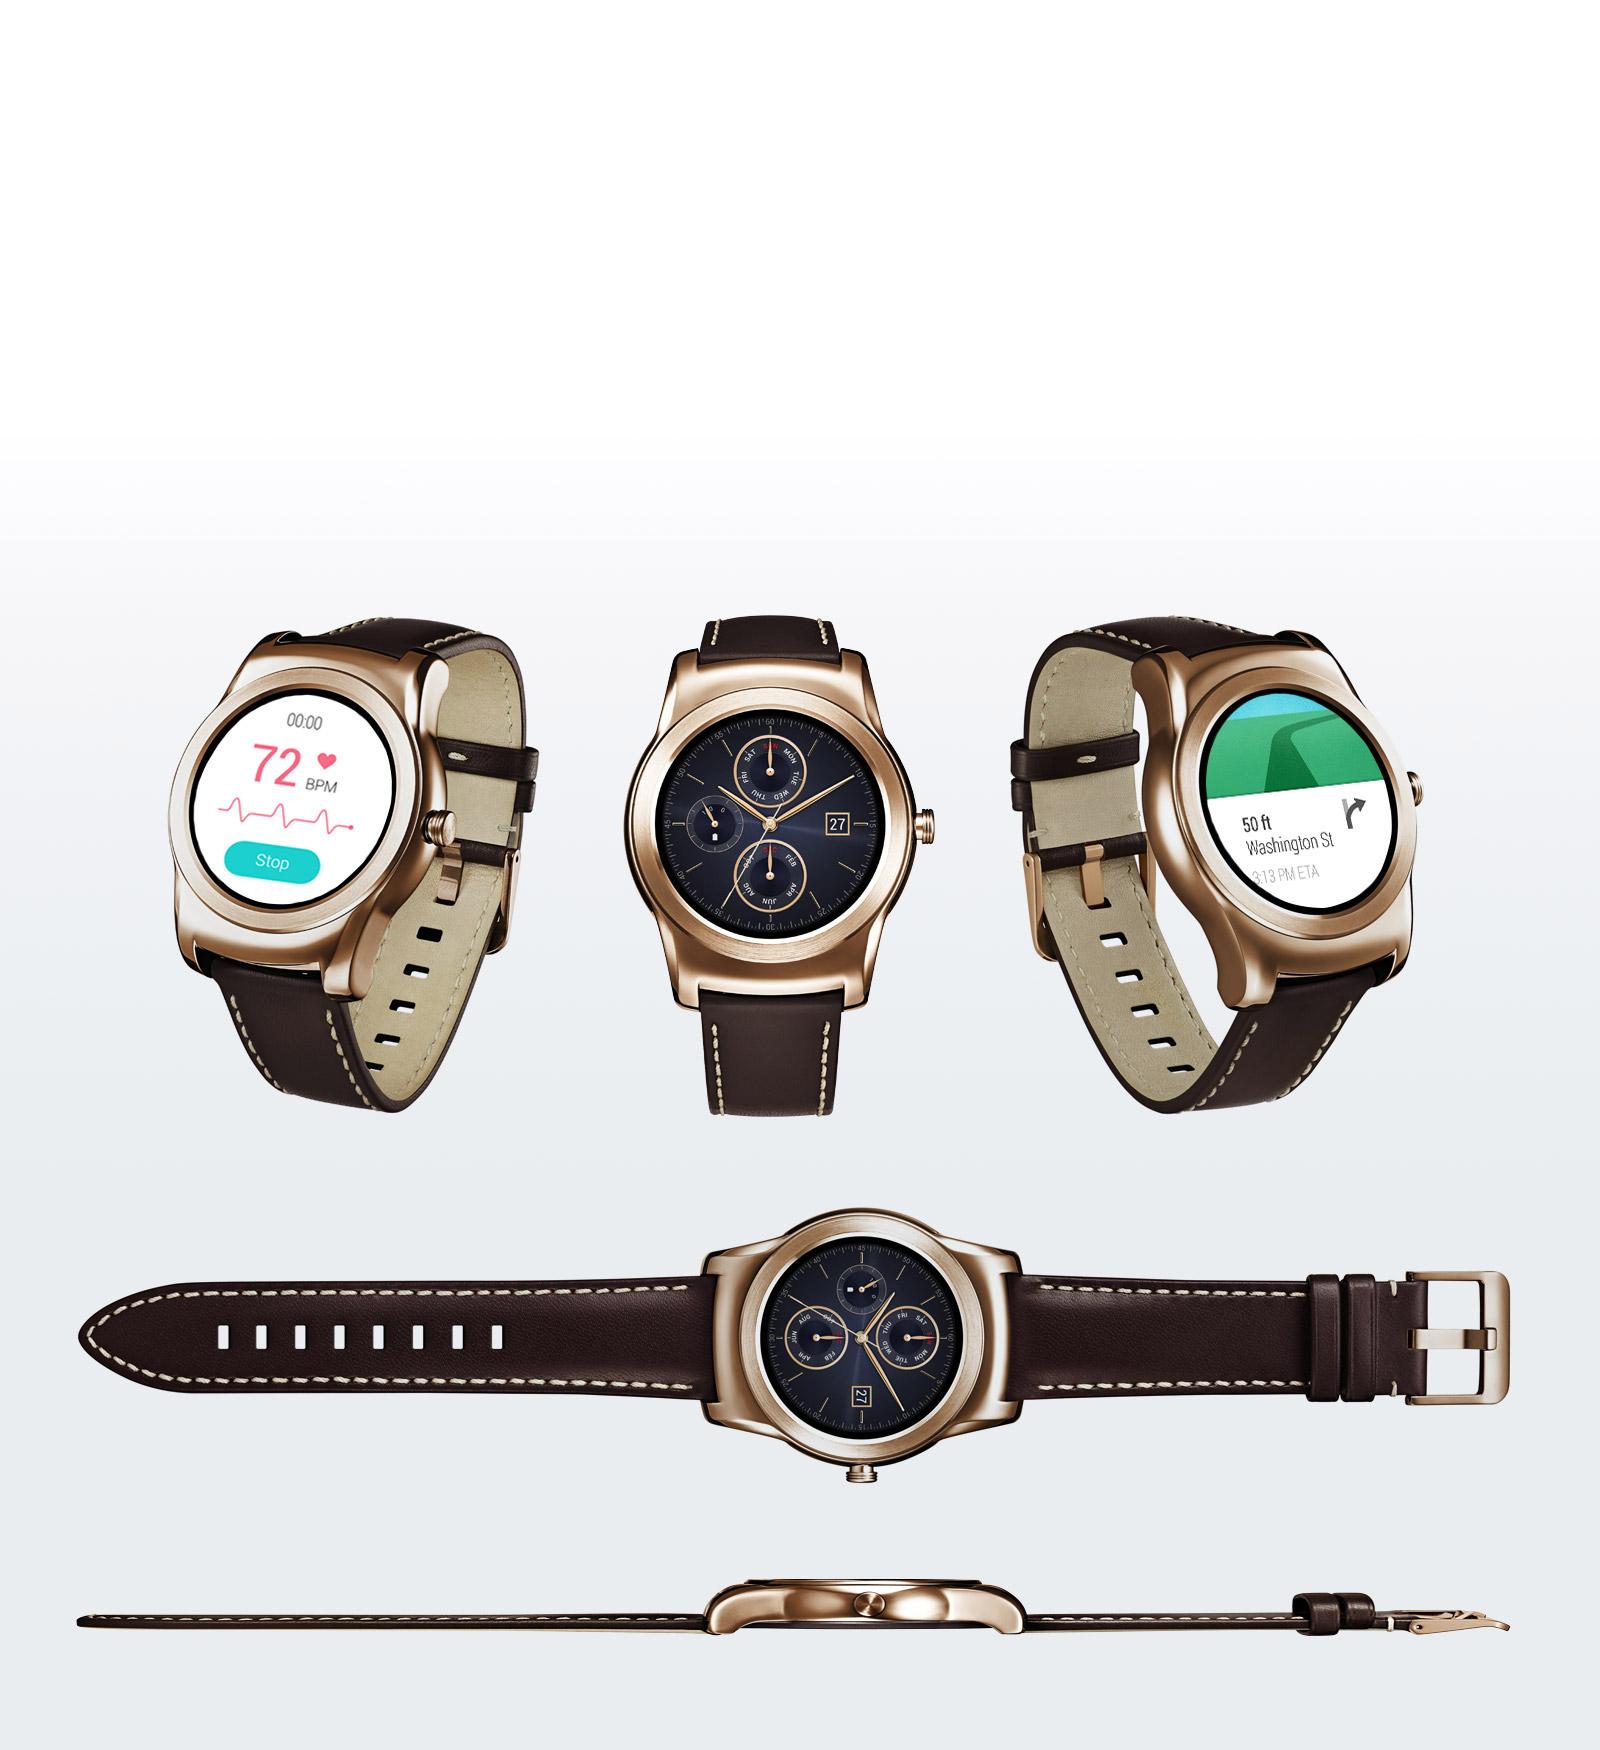 Рис. 4. LG Watch W150 Urbane gold